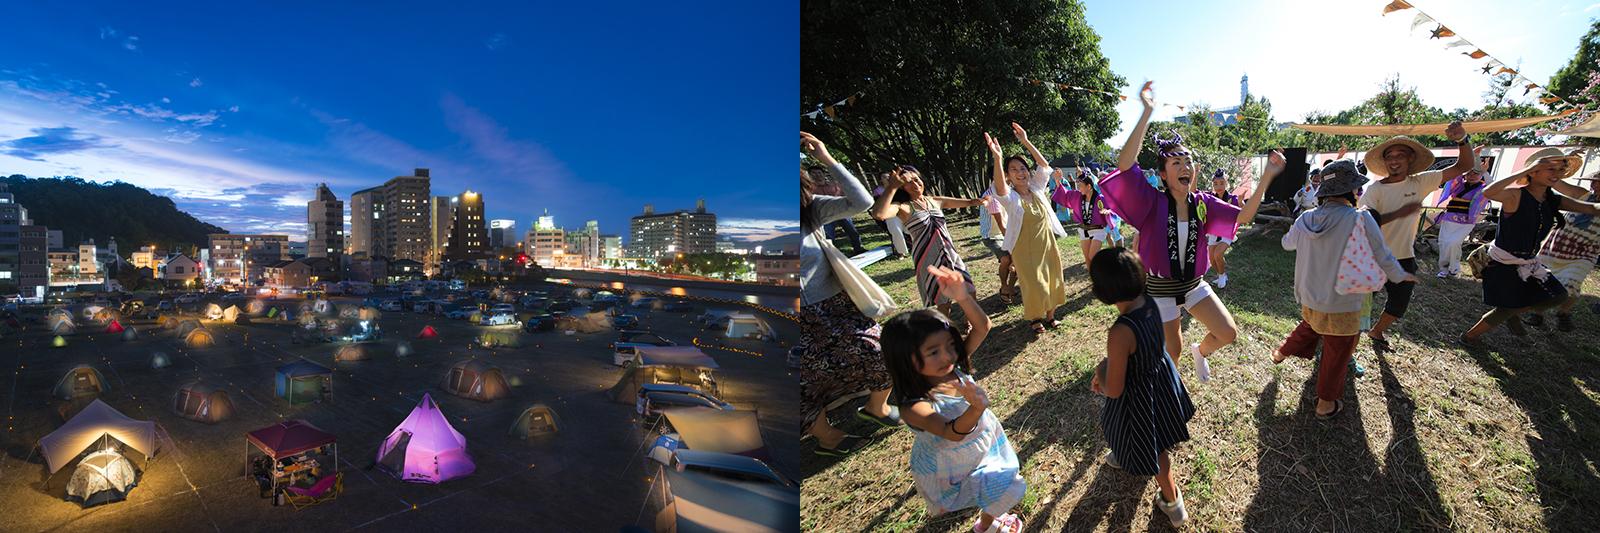 AWAODORI CAMPでは、自然と来場者との交流も生まれる(撮影 左:千葉大輔 右:松田大輔)